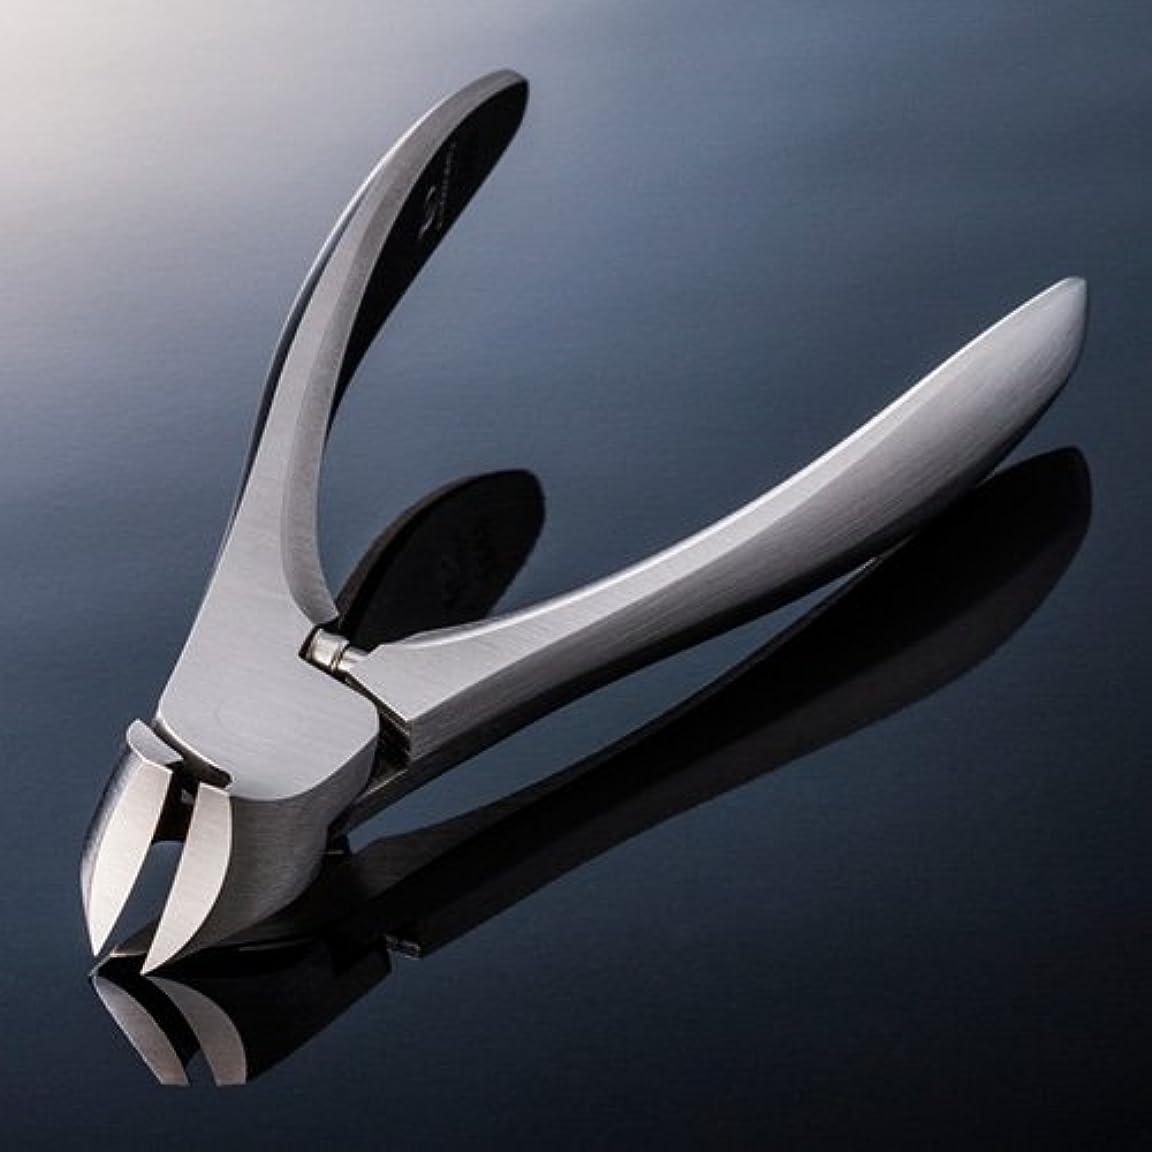 感情見る一節【SUWADA クラシックL 爪やすり付】 諏訪田のつめ切り 爪切り ネイルニッパー 収納メタルケース付 /日本のいいもの